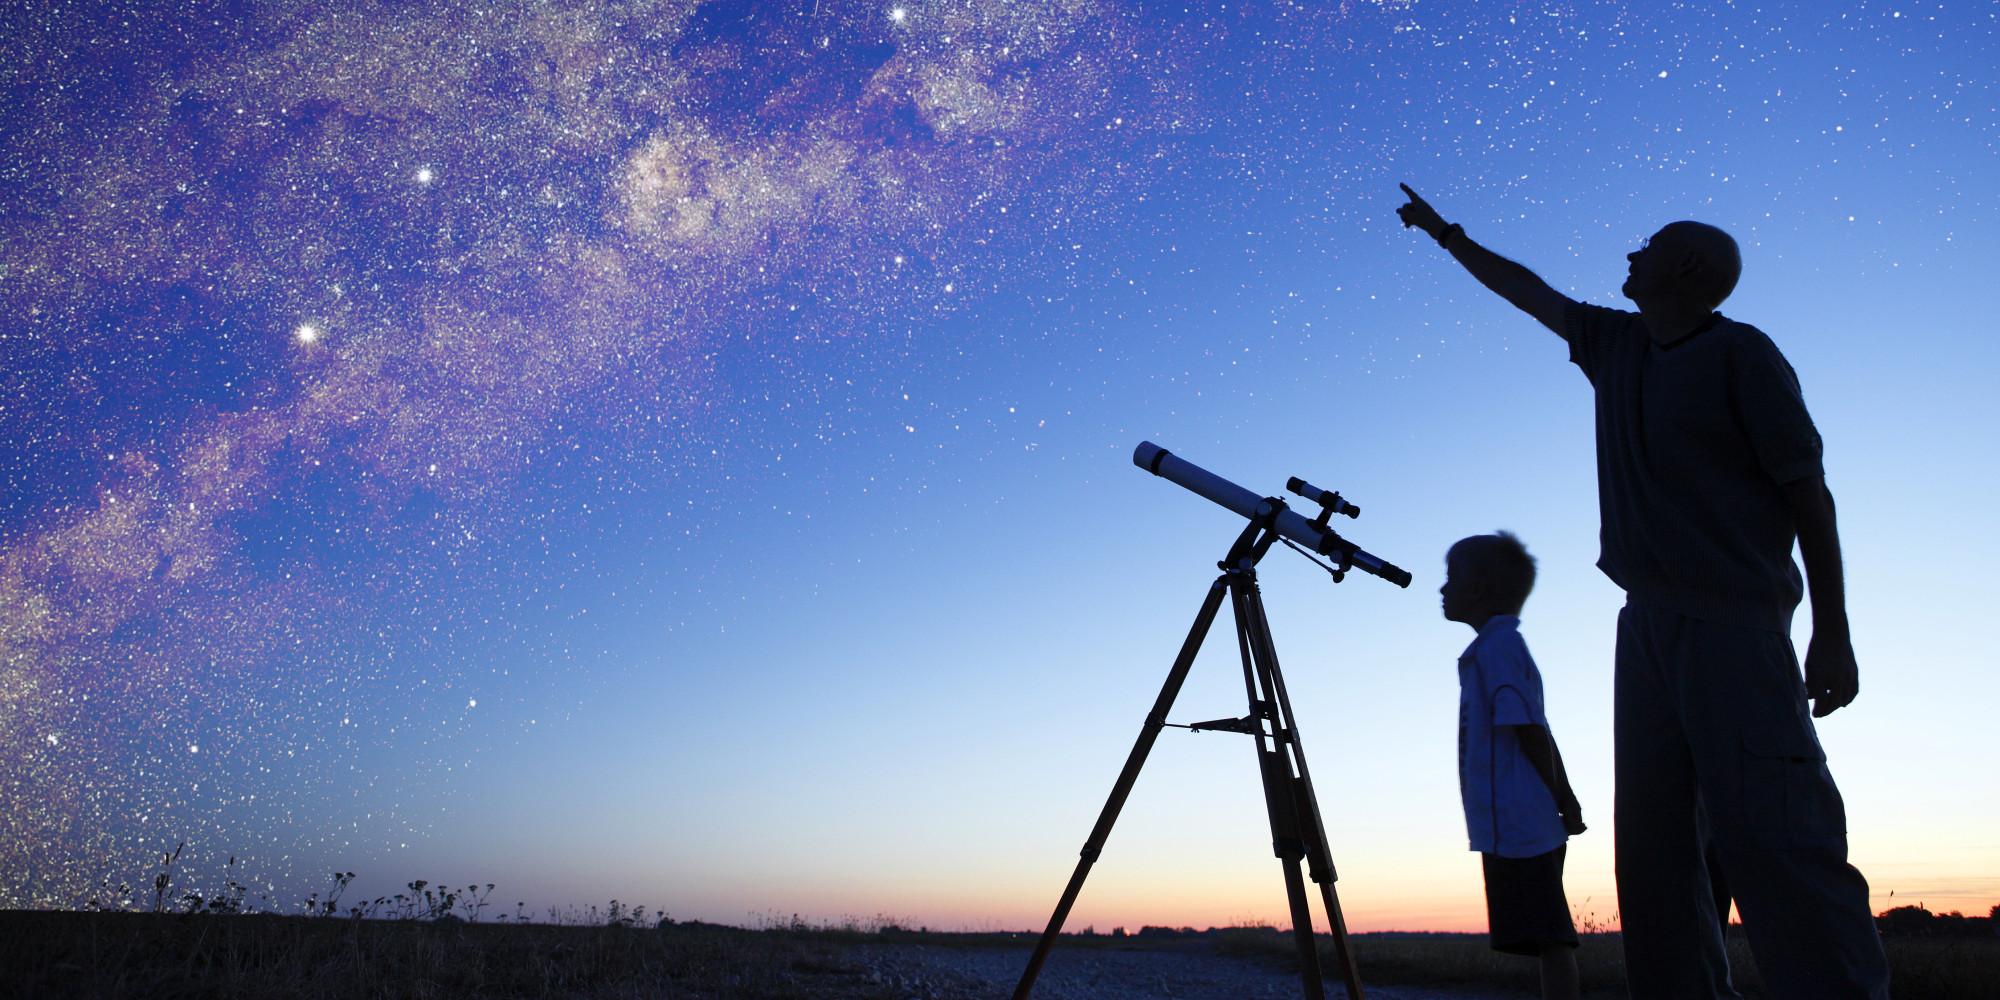 Картинка телескопа с звездным небом, крещением картинках